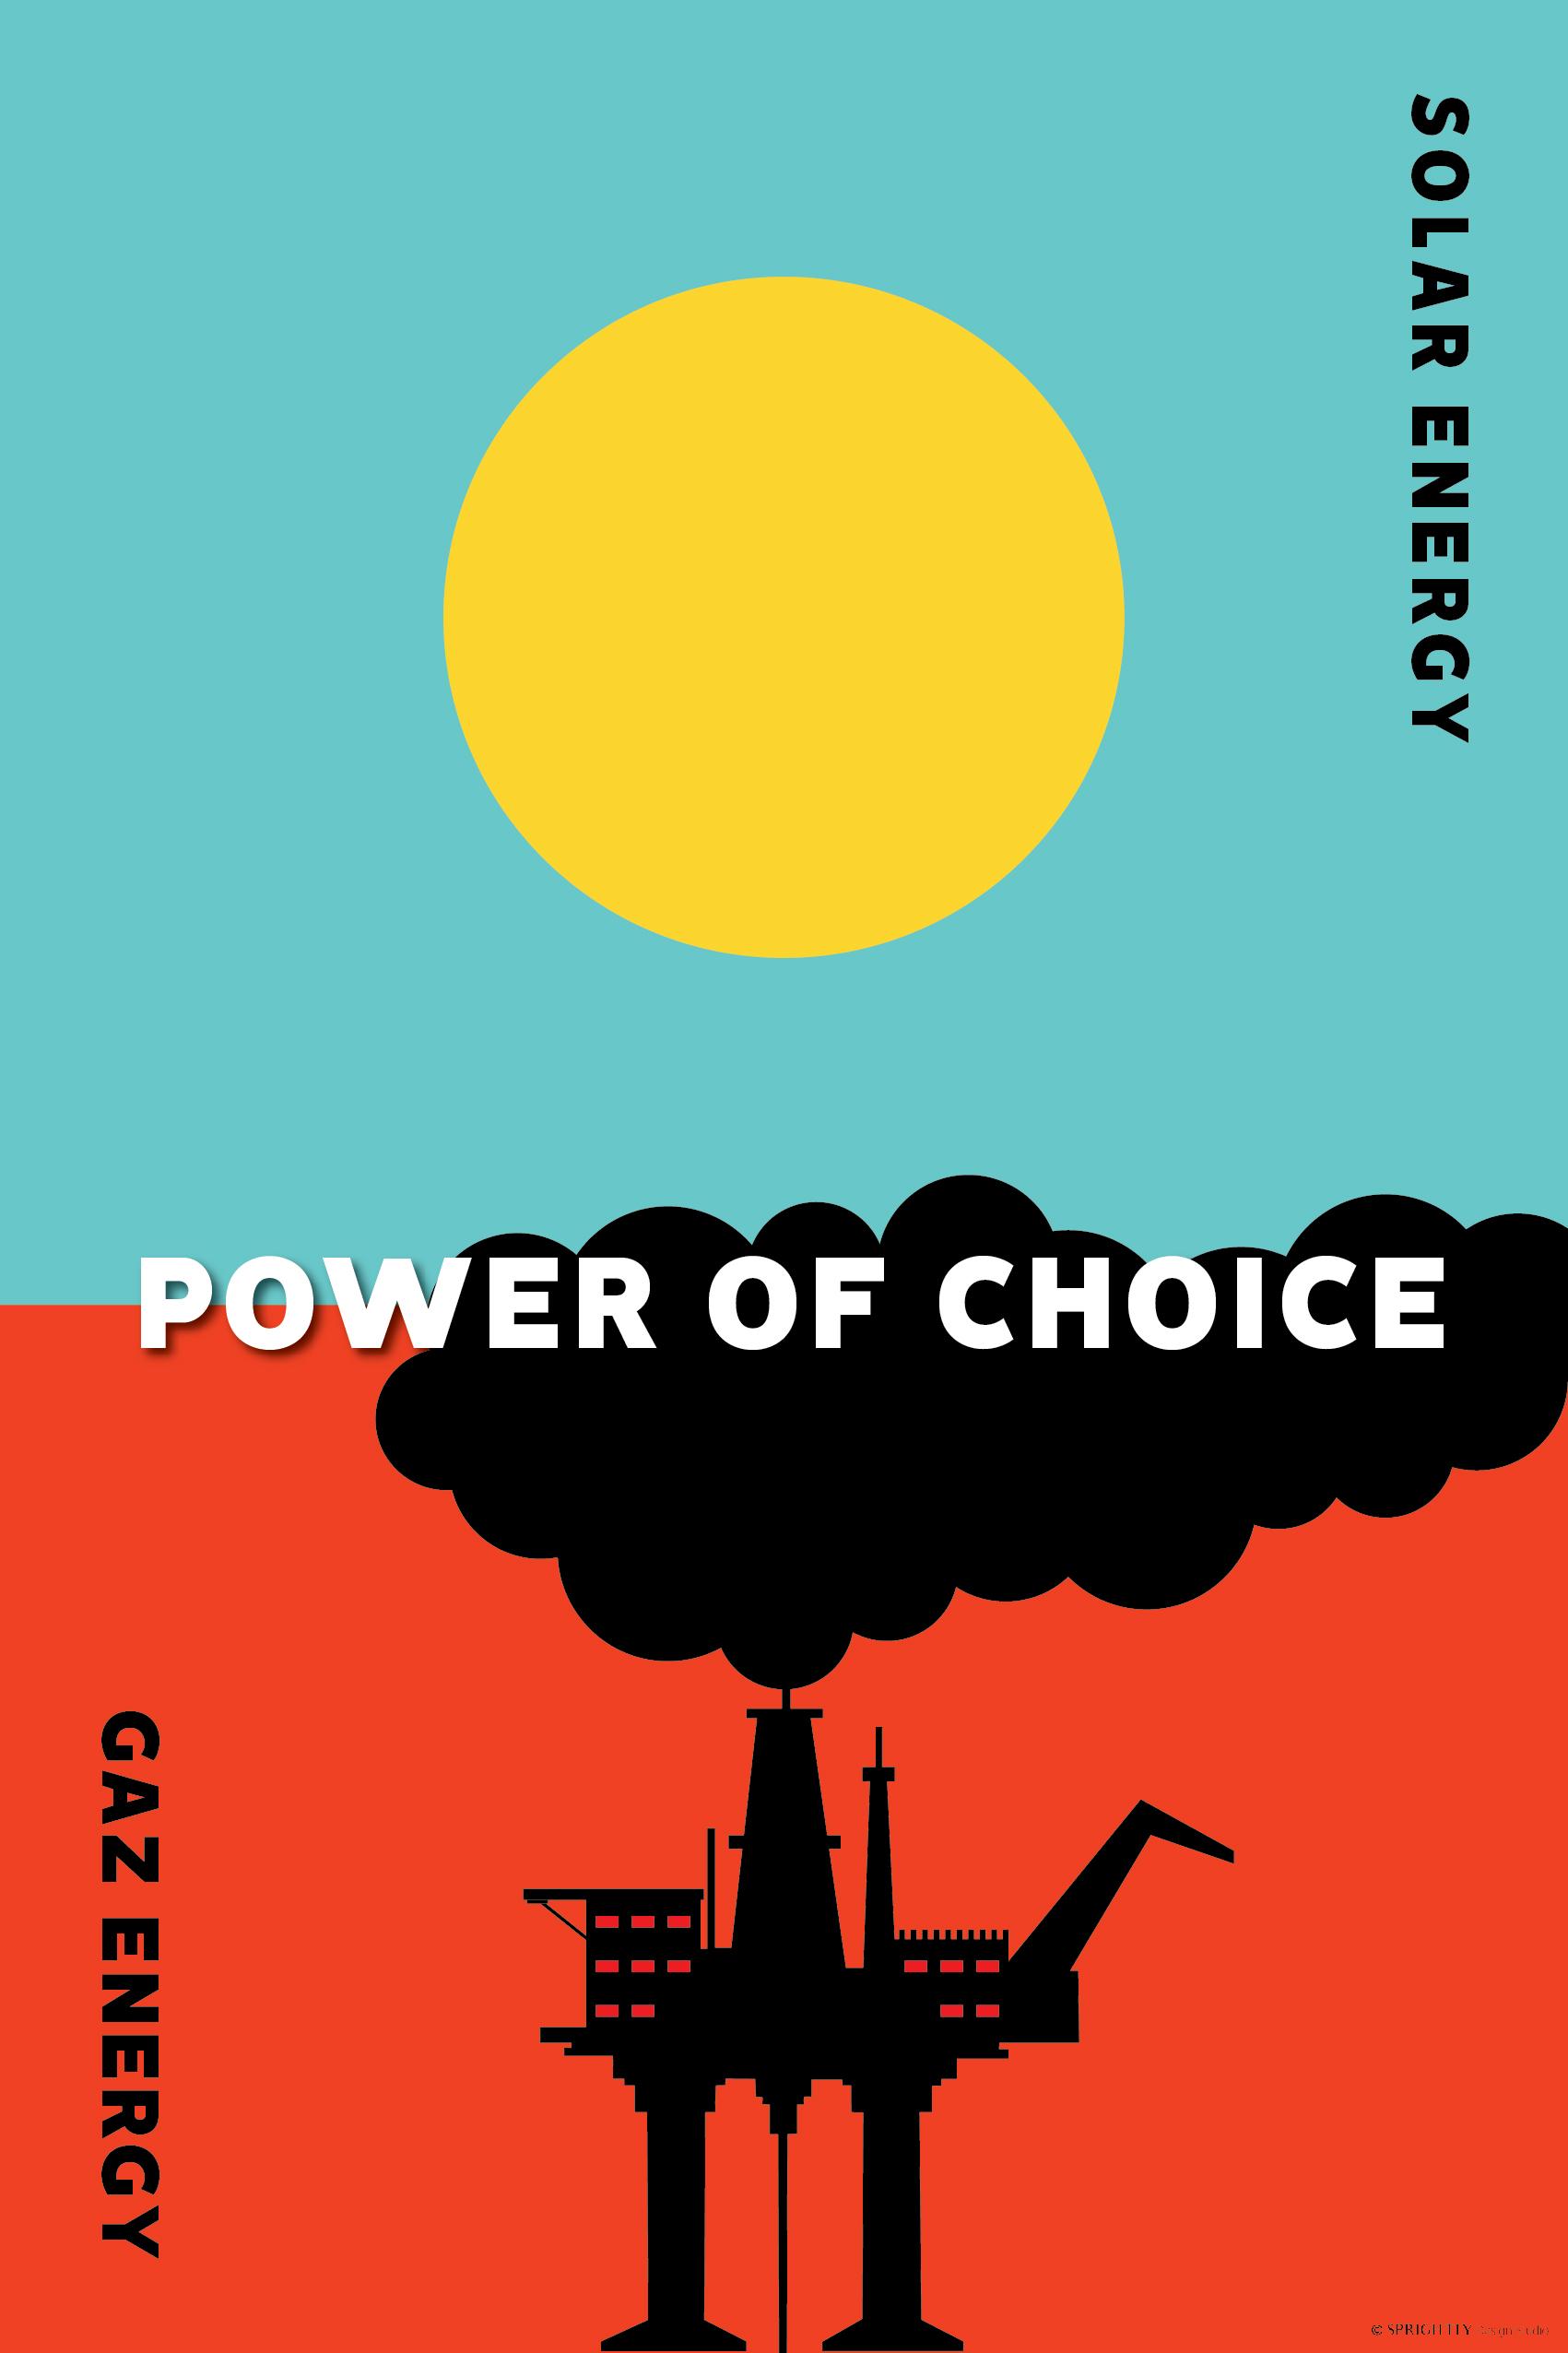 Poster for solar energy vs Gas energy